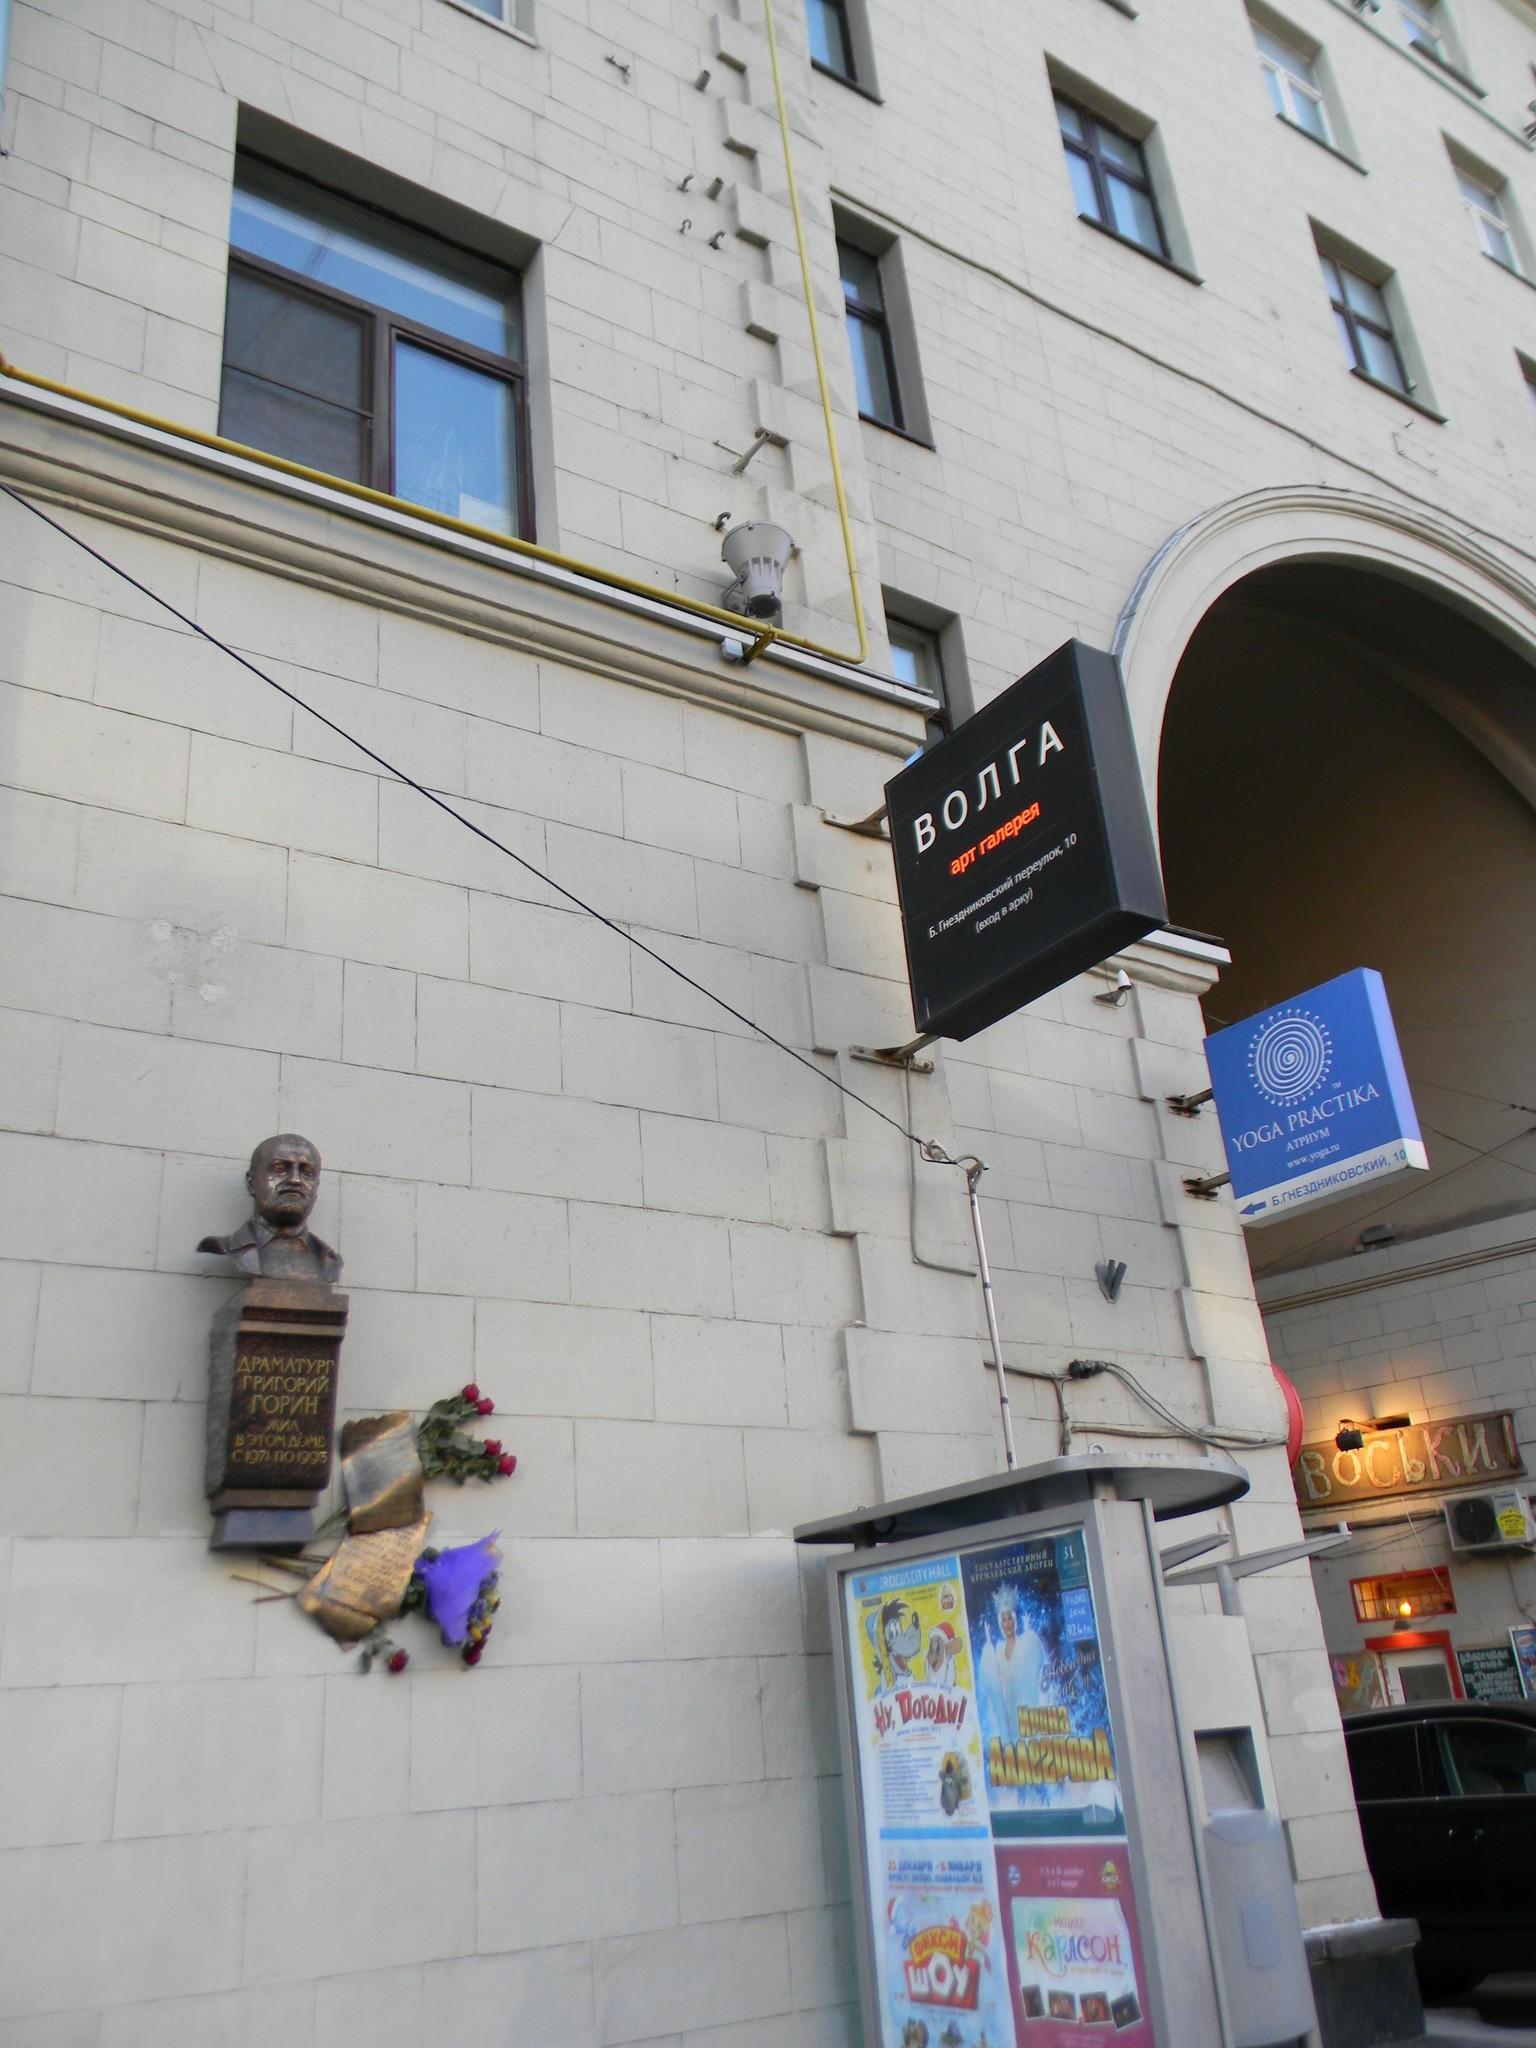 Мемориальная доска на доме, в котором жил писатель Григорий Горин (скульптор Андрей Балашов, архитектор Вячеслав Бухаев)